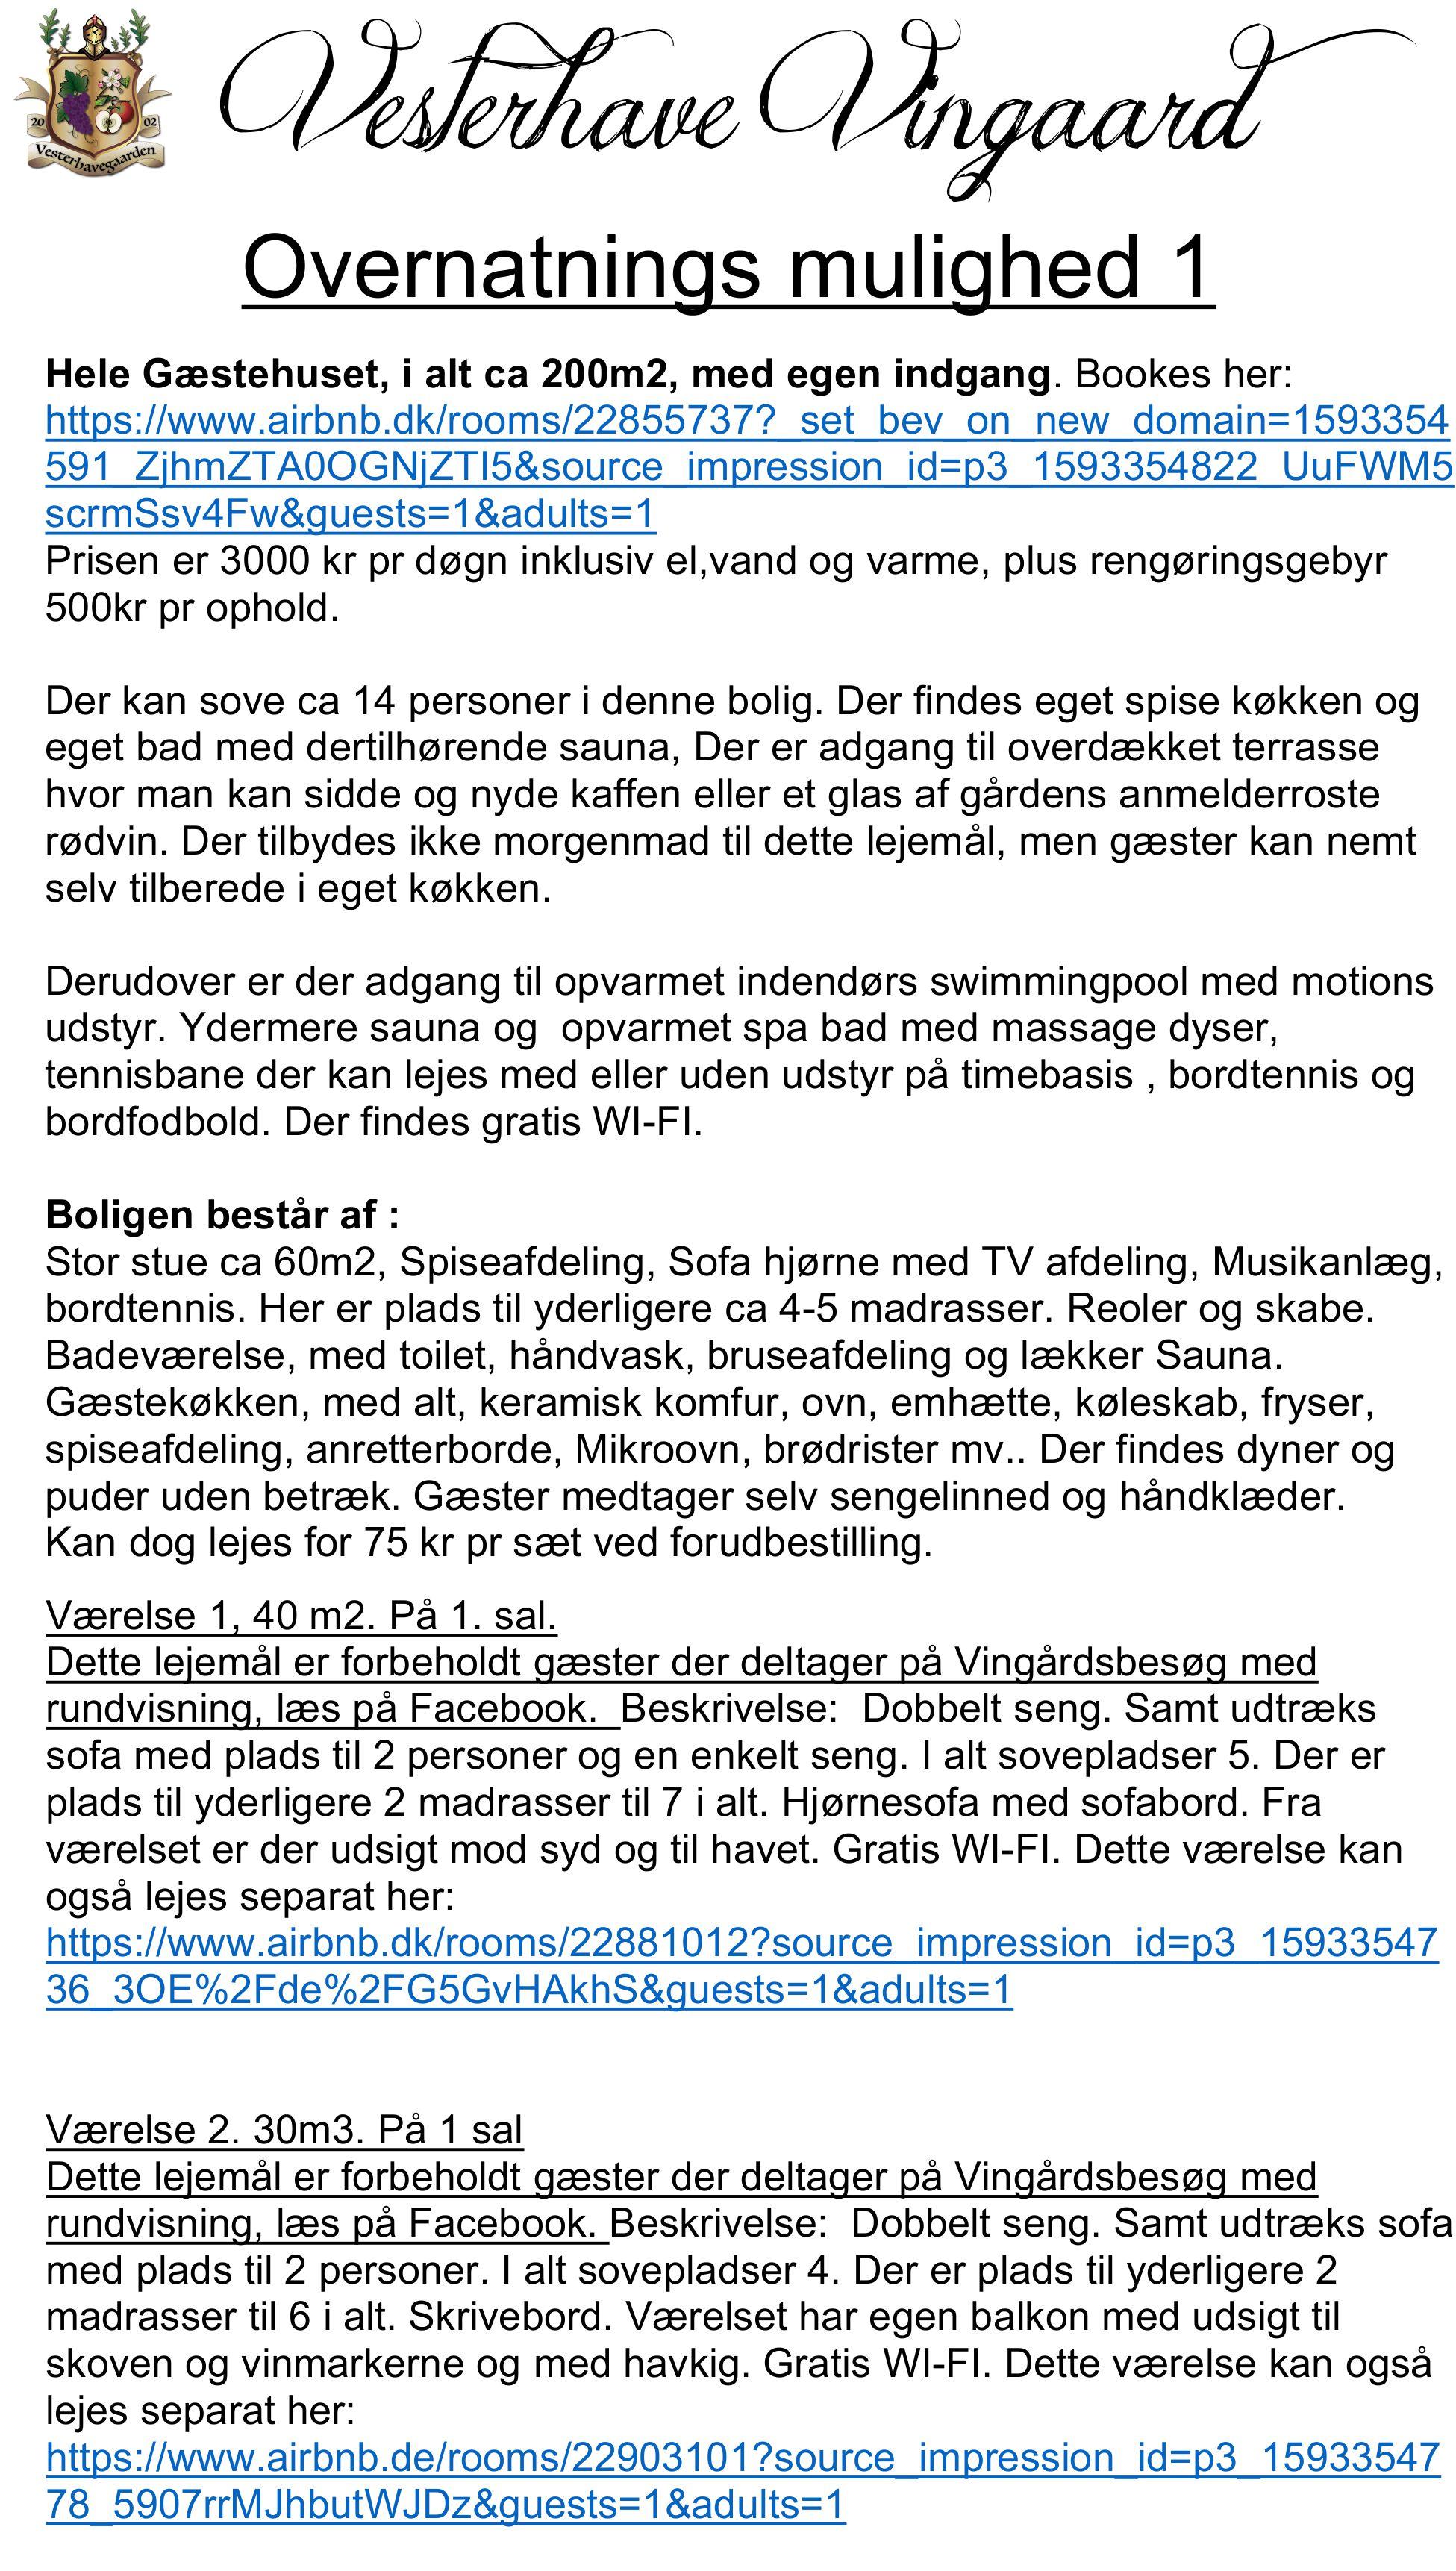 VINGÅRDSBESØG 8-28, MED RUNDVISNING 28.8.21 kl 15